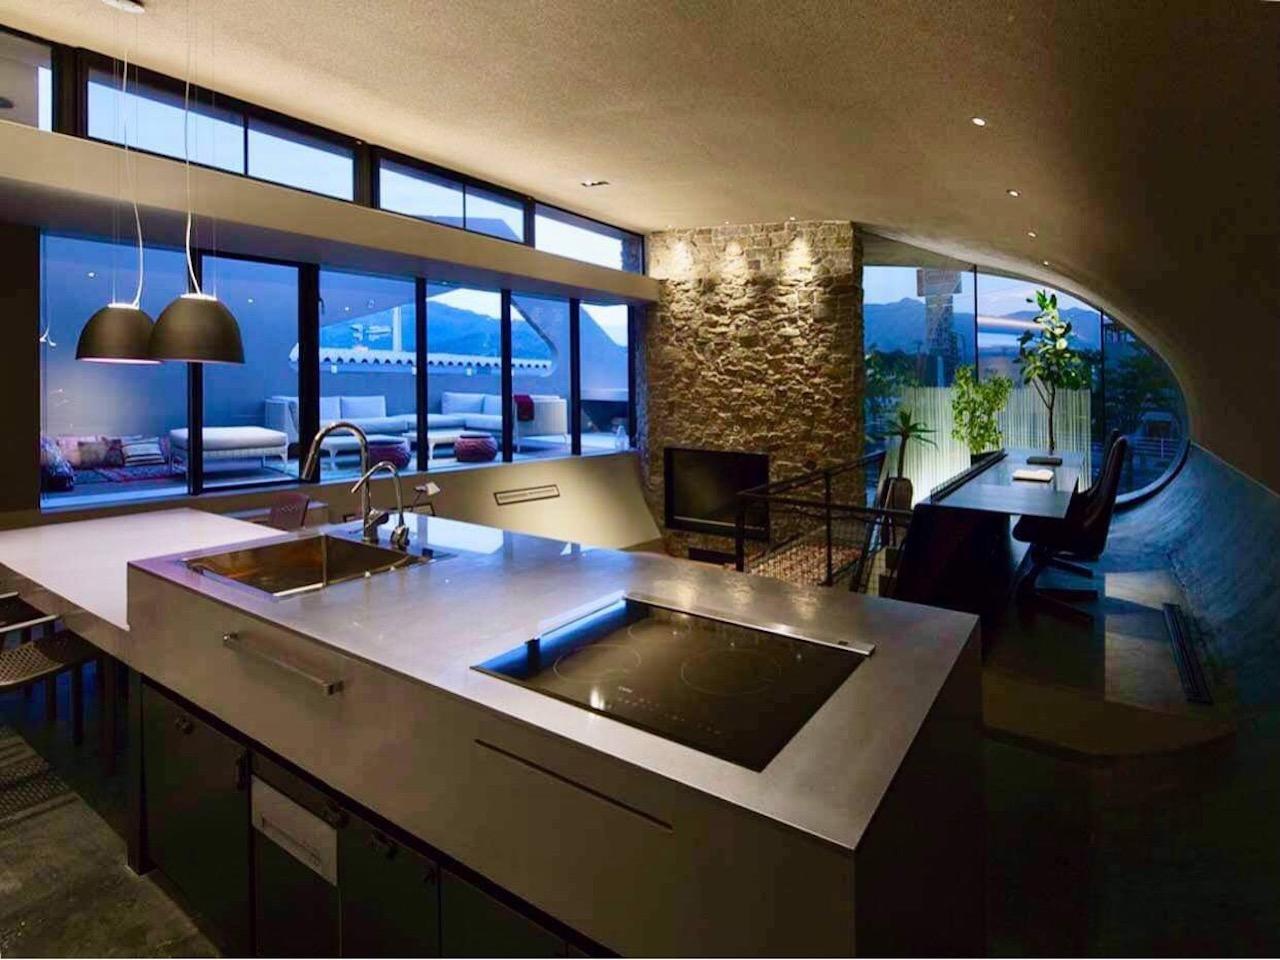 キッチンからの景色。